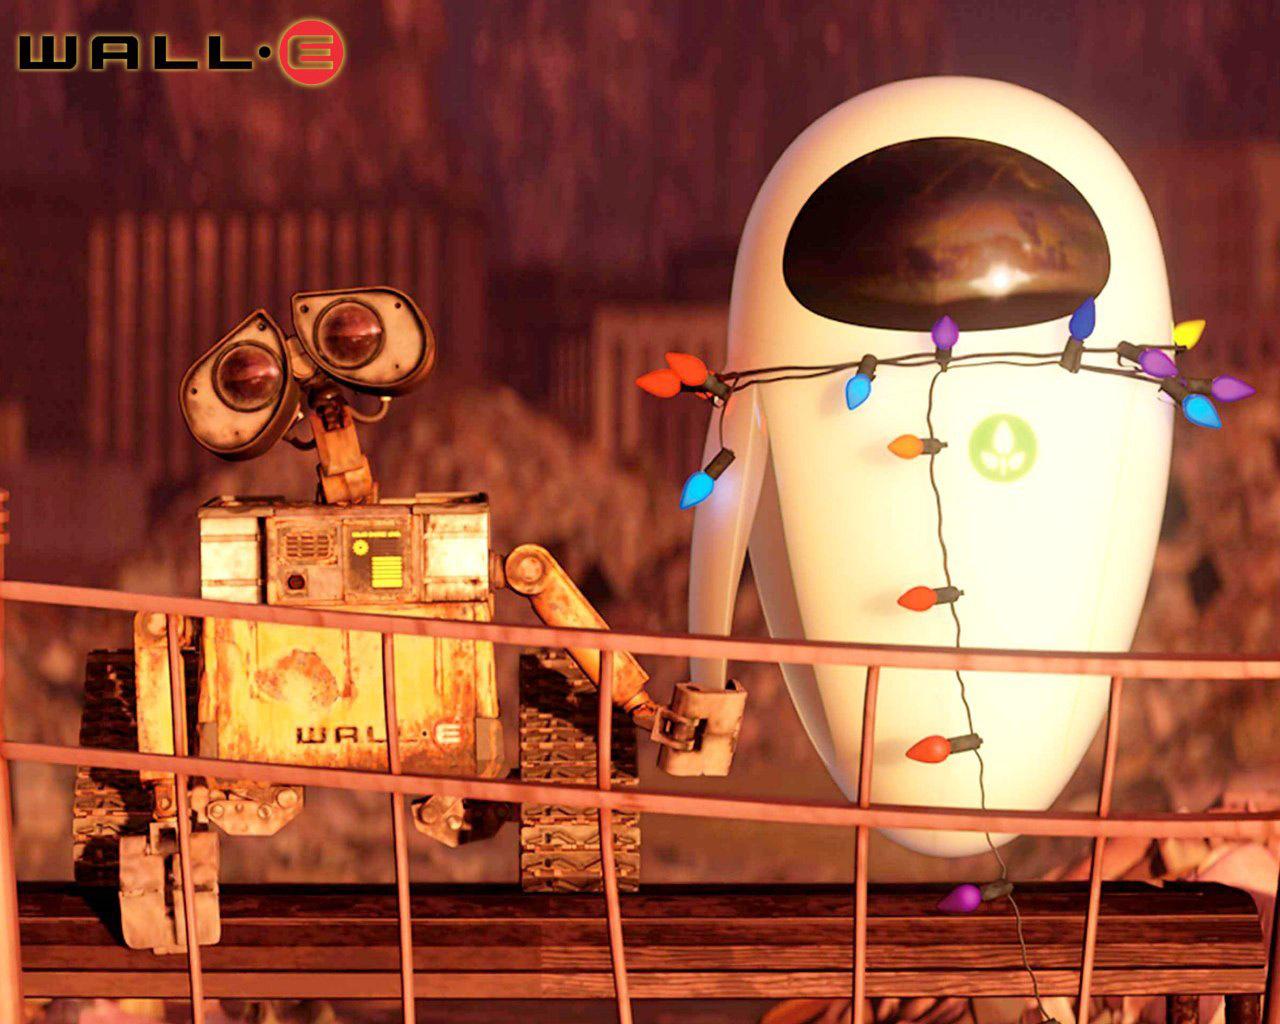 机器人总动员 WALL E 电影图片 电影剧照 高清海报 VeryCD电驴大全 -